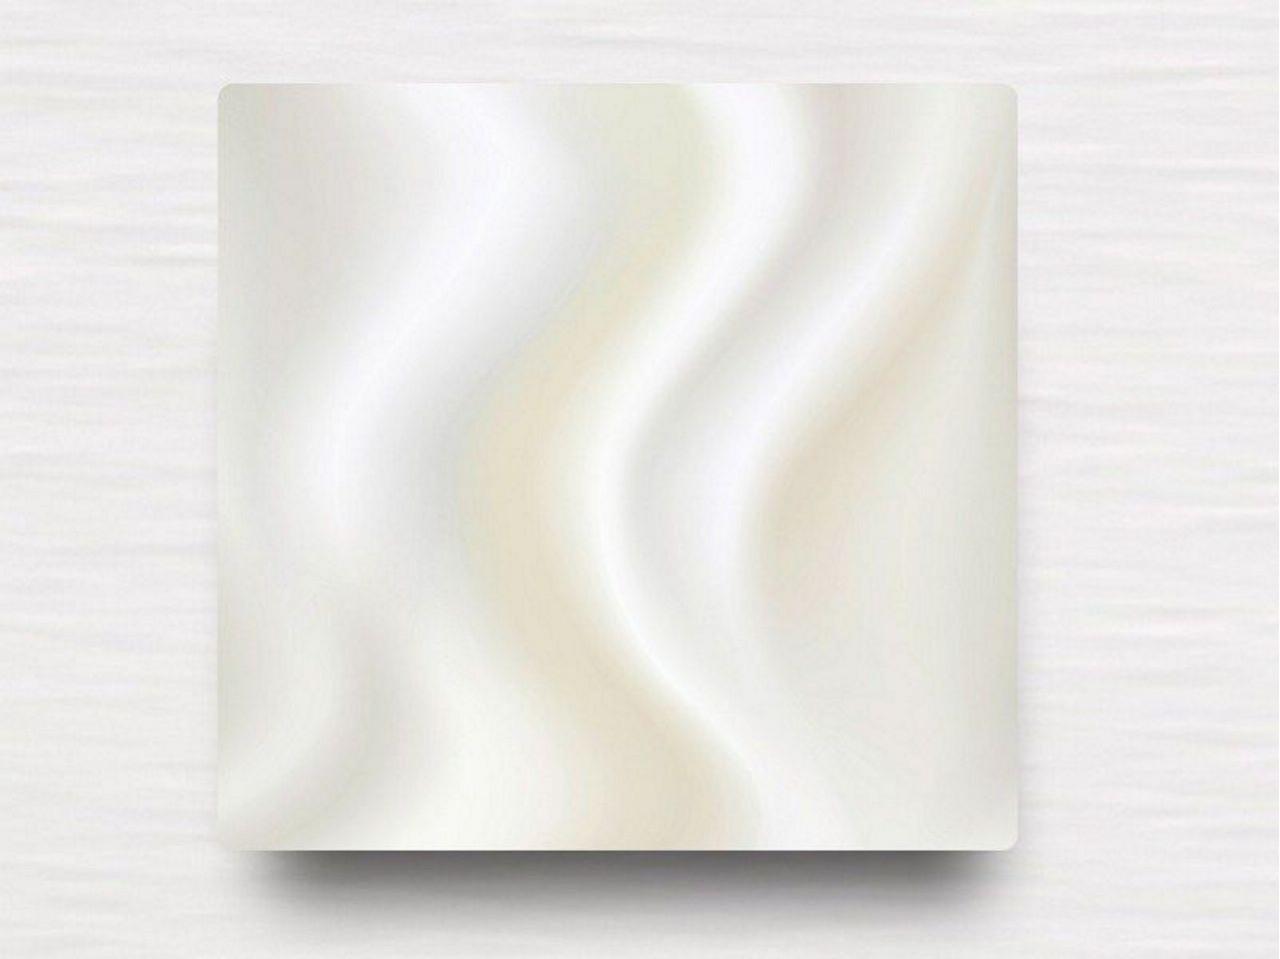 cubreradiador aluminio ondas